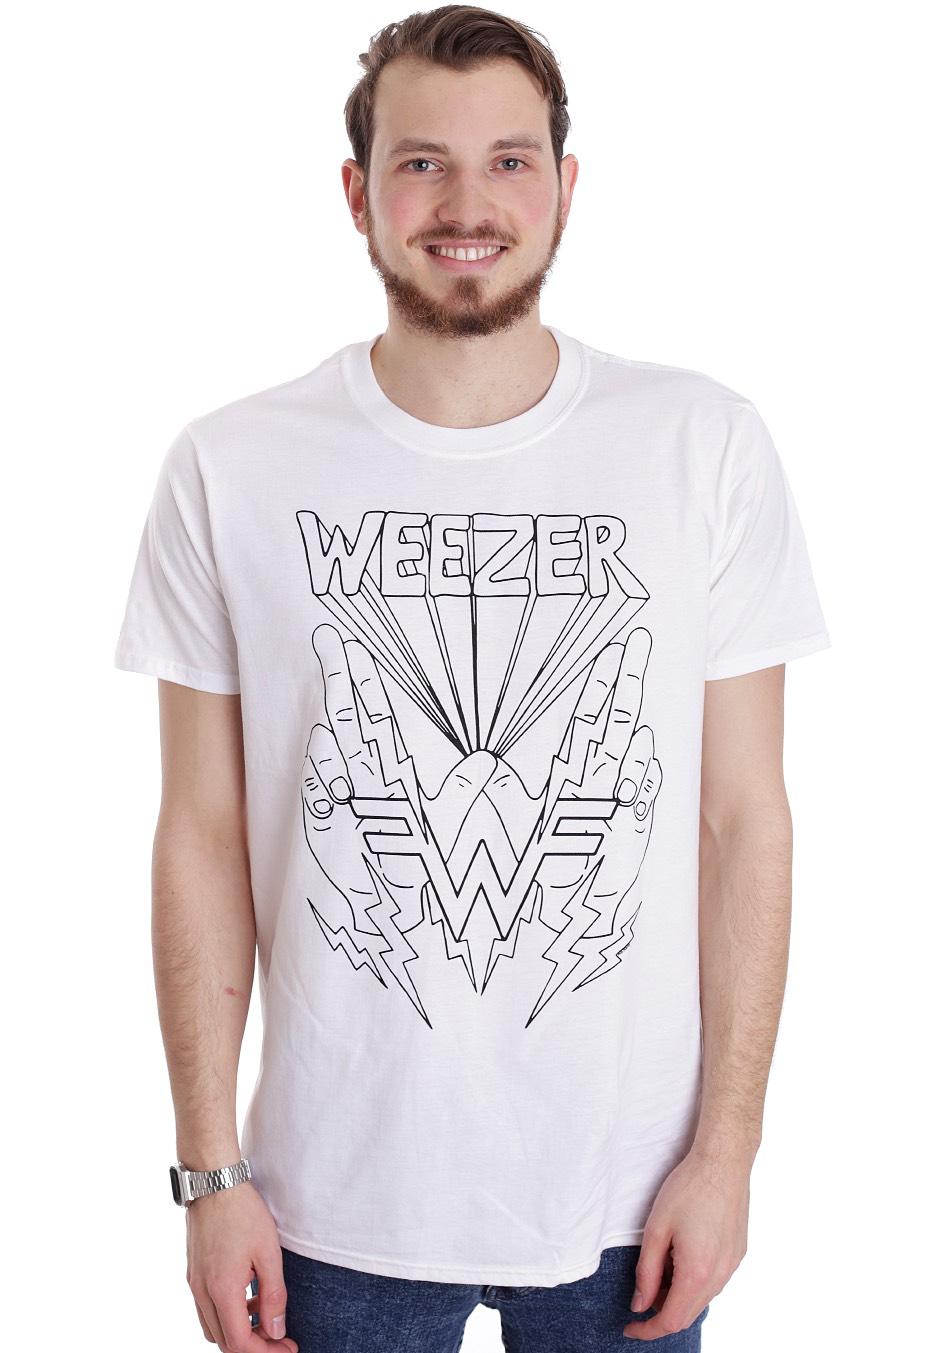 345382ba Weezer - Lightning Hands White - T-Shirt - Official Pop Merchandise ...